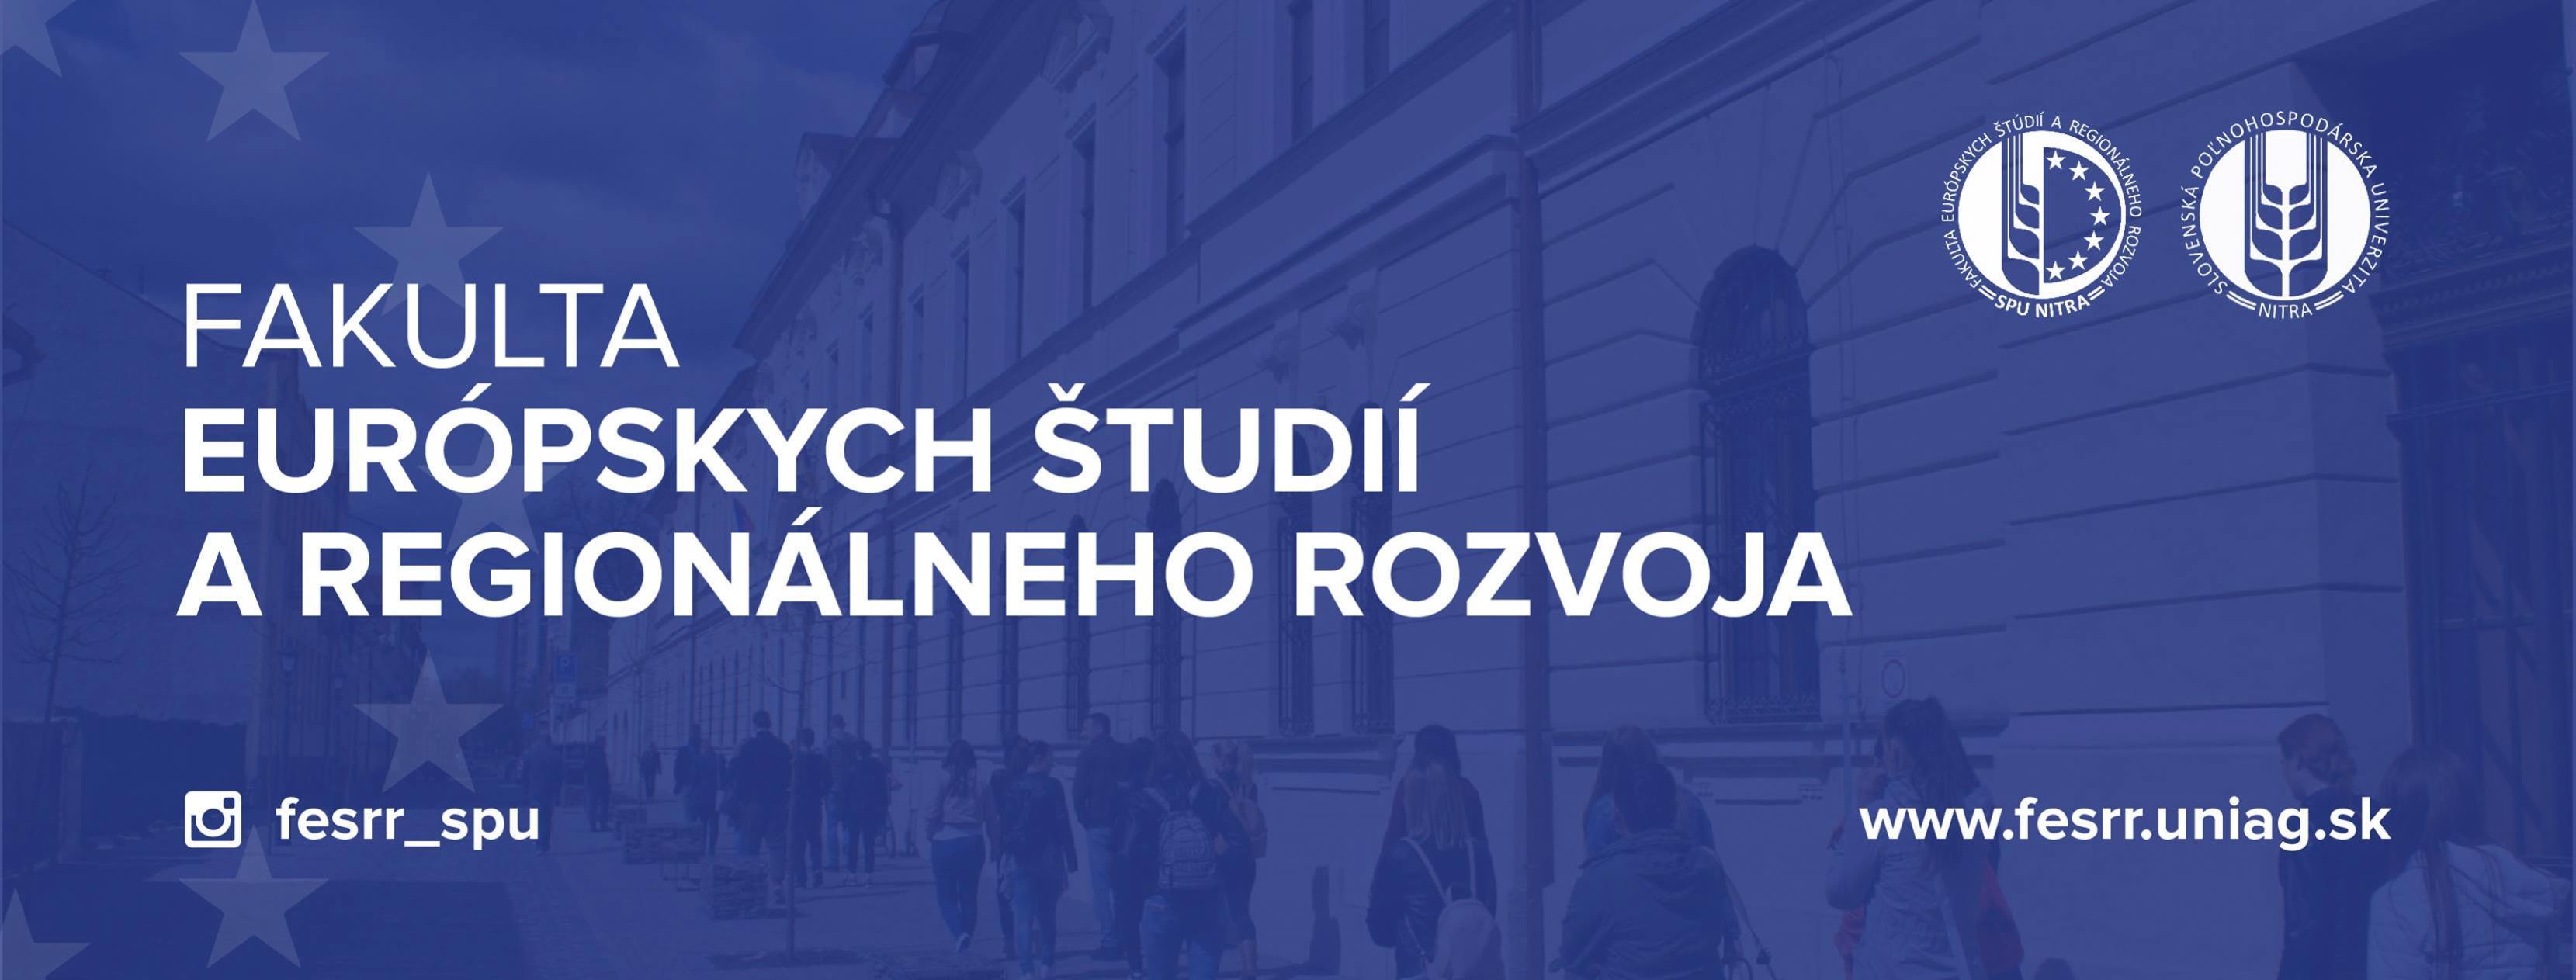 Fakulta eur�pskych �t�dii aregion�lneho rozvoja SPU v Nitre Top umietsnenie medzi spolo�ensk�mi fakultami na Slovensku